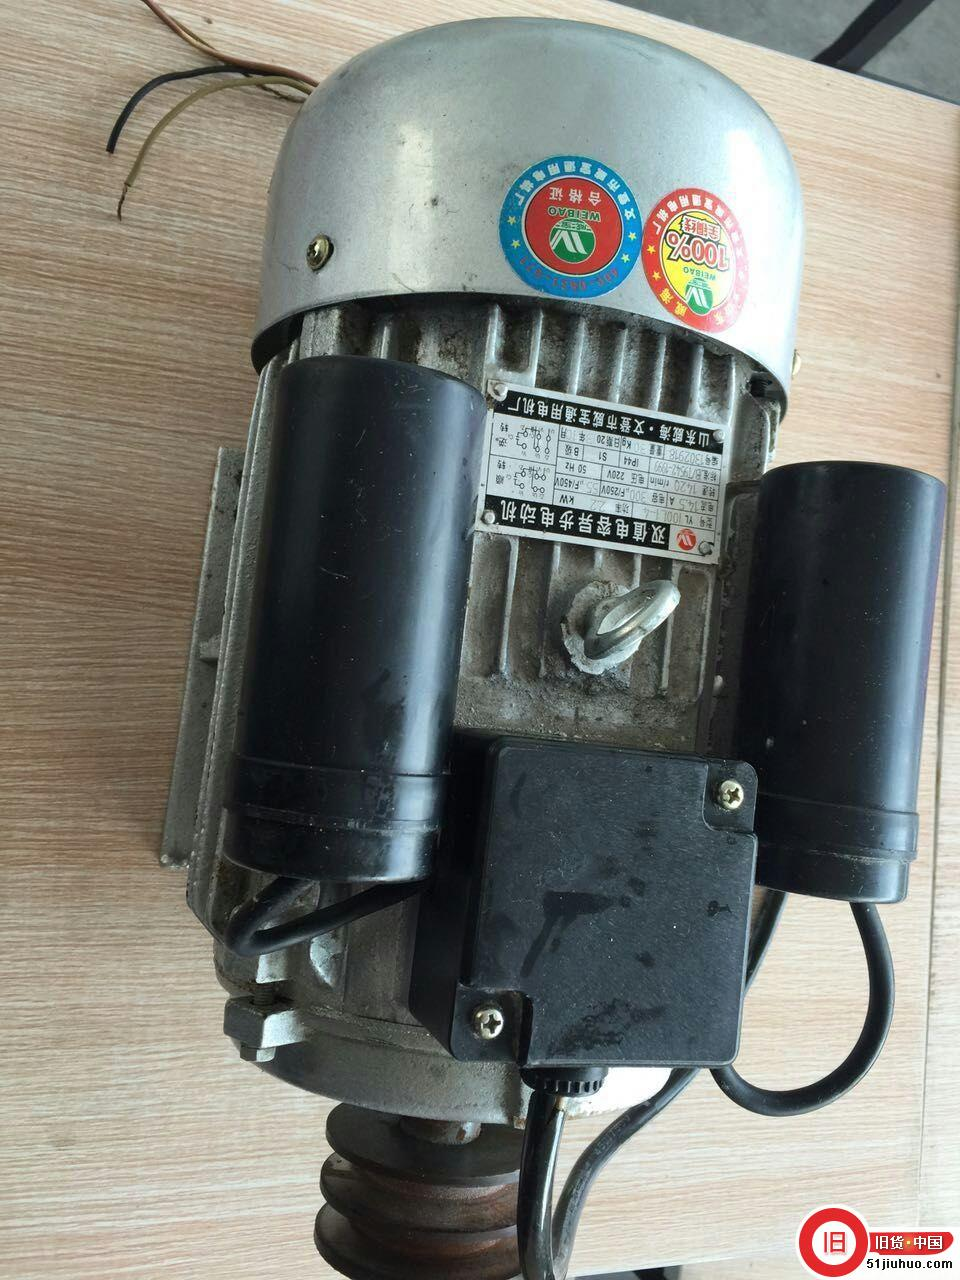 低价出售速电机2.2千瓦-尽在51旧货网